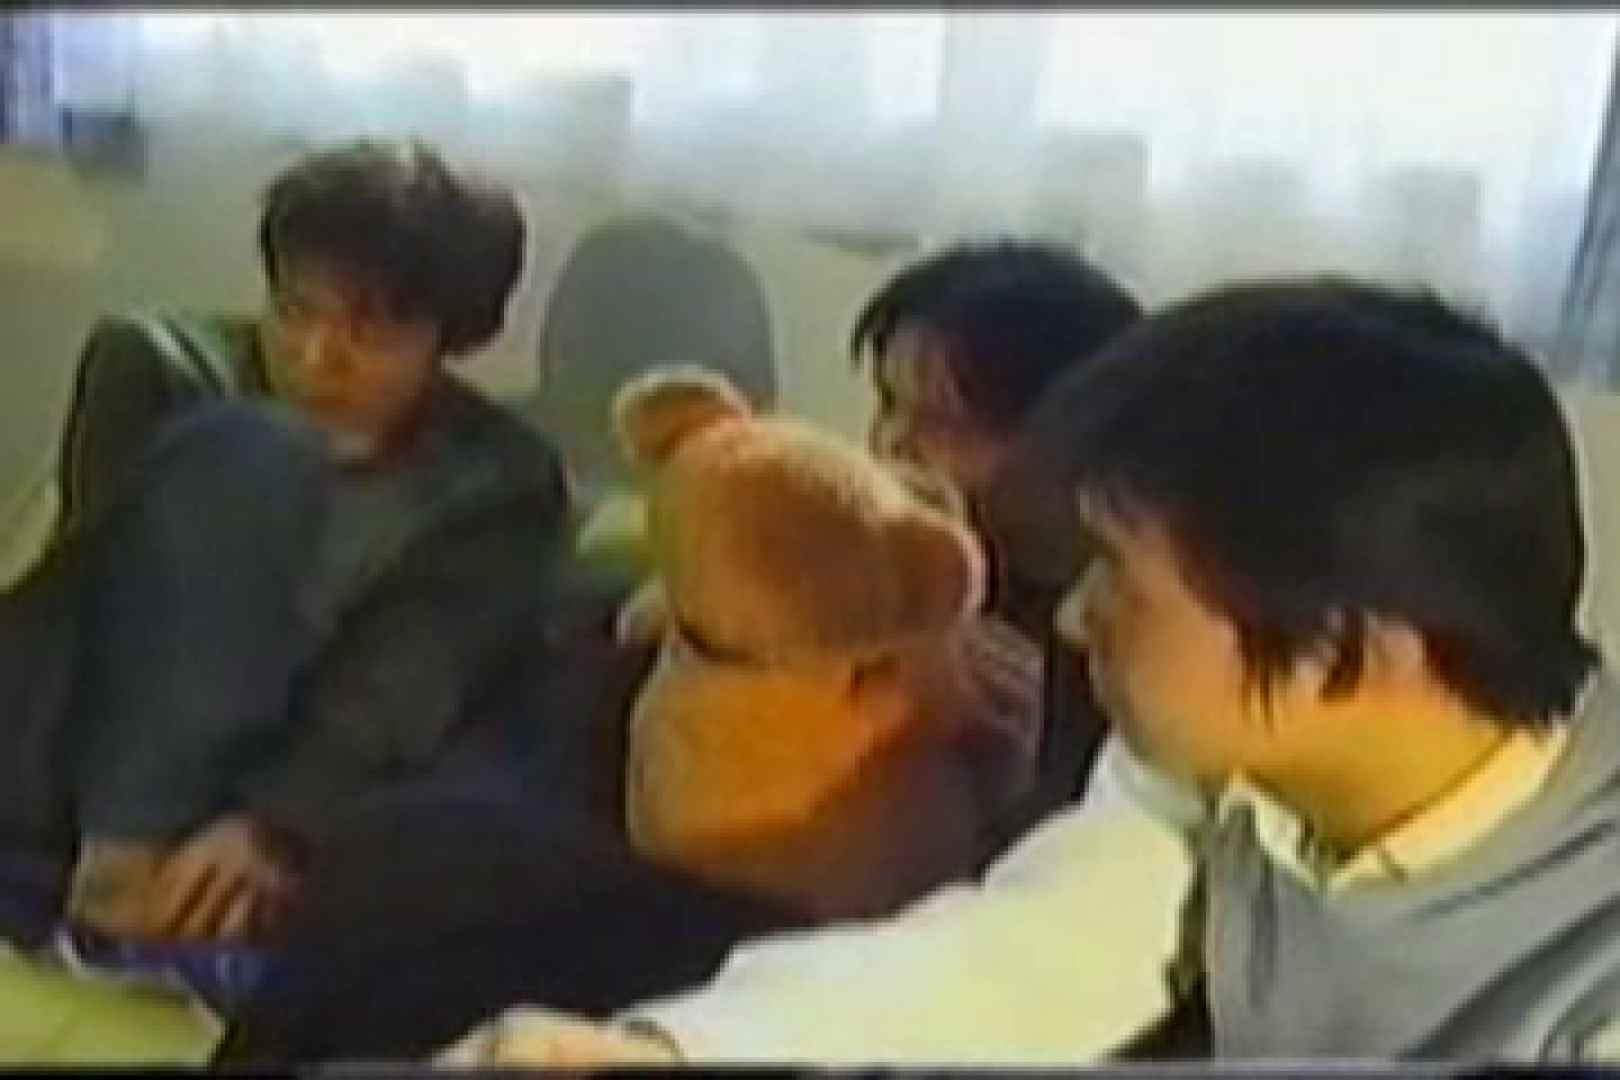 【流出】若者たちの集い アナル舐め舐め ゲイ無料エロ画像 77pic 56